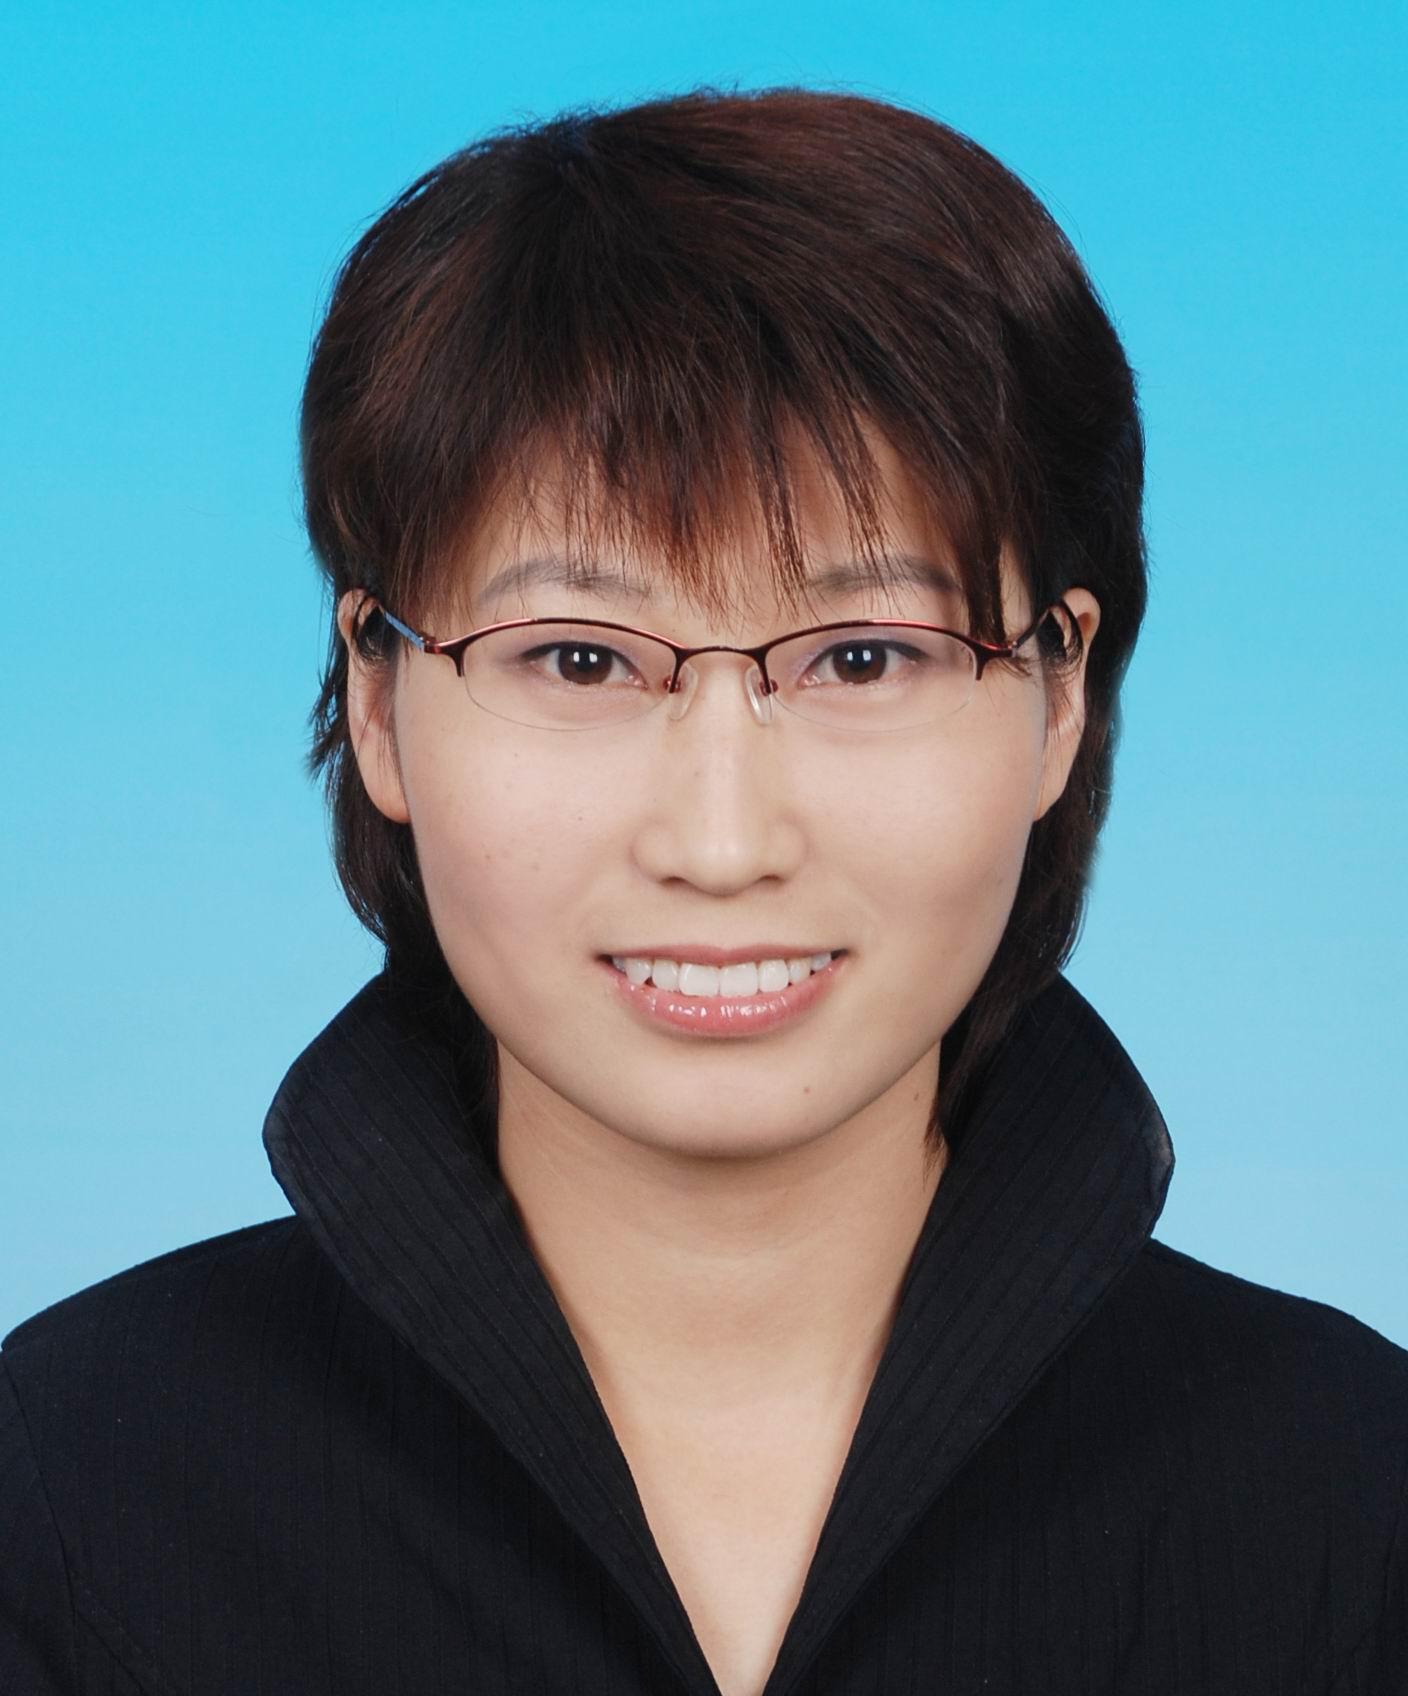 张荷芳律师信息_张荷芳律师个人案例 - 律师百科网